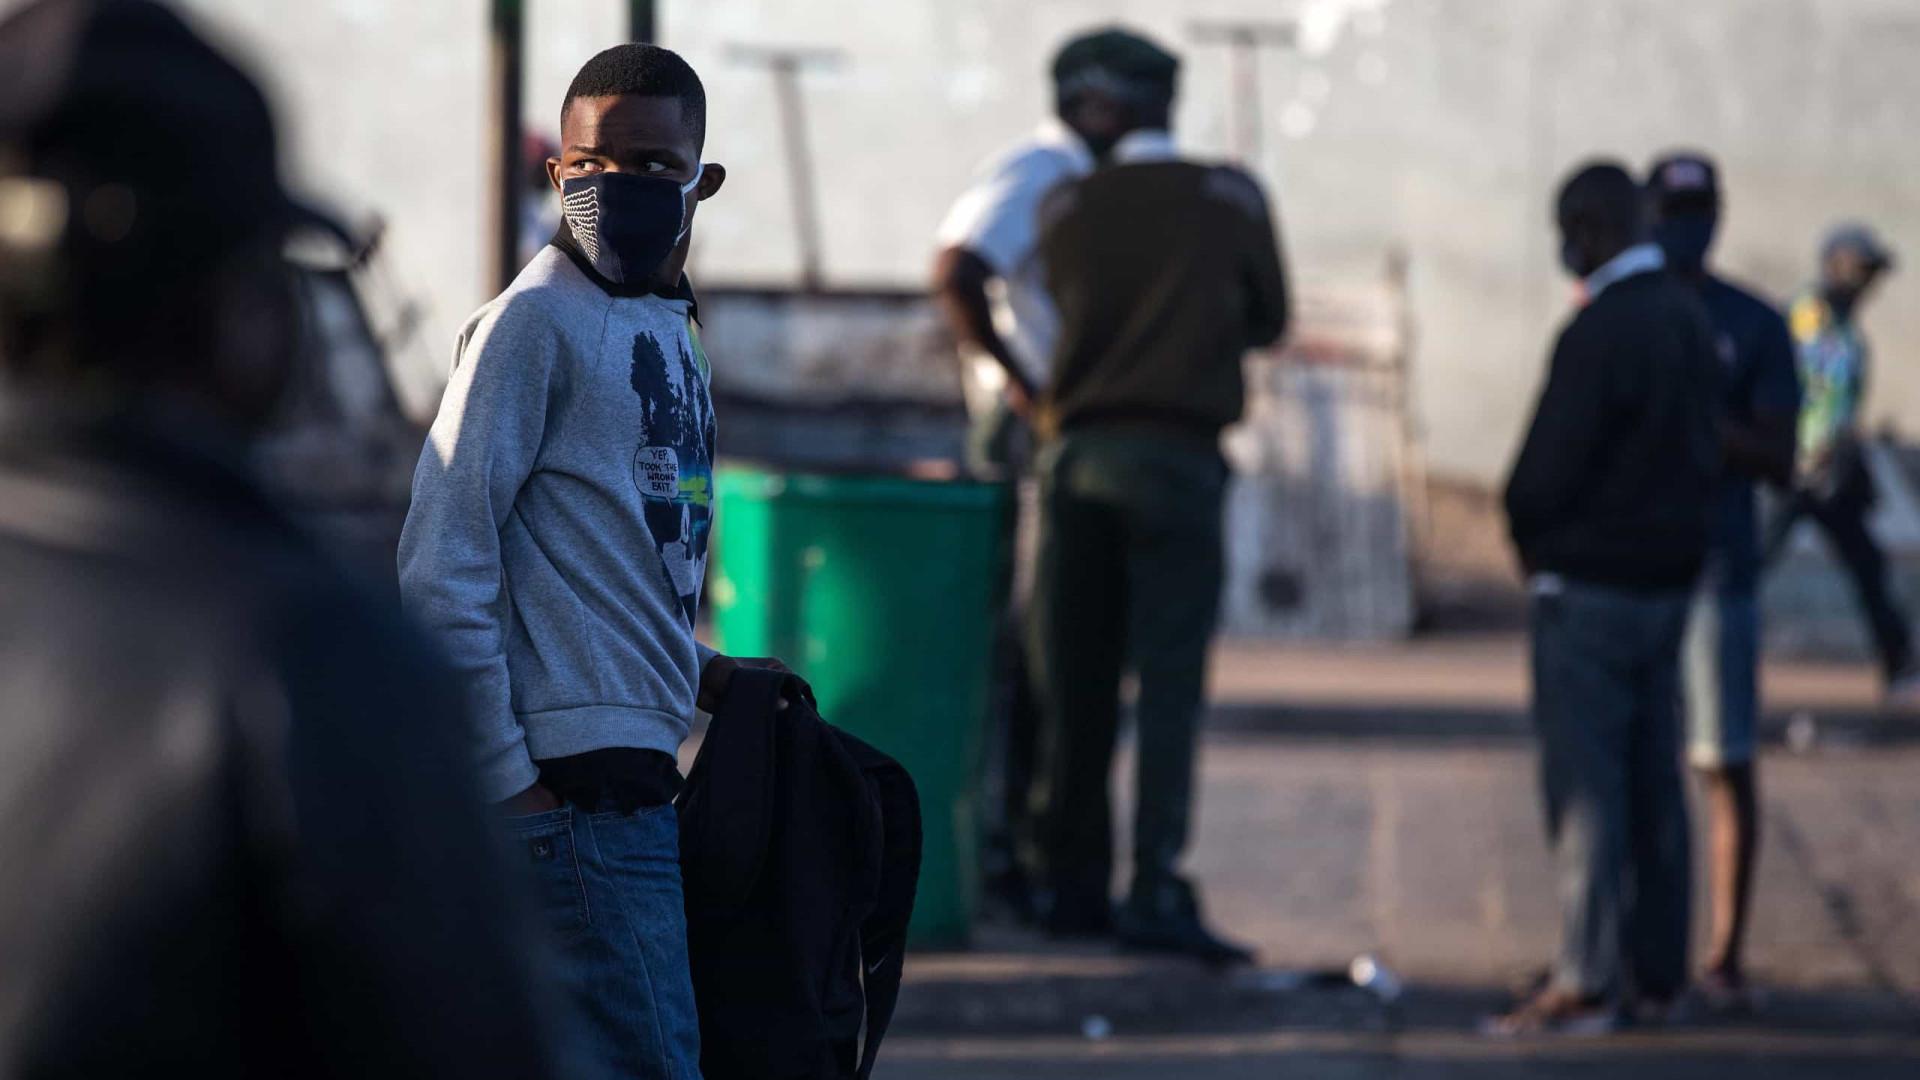 Mais dois casos em Moçambique e total acumulado passa para 354